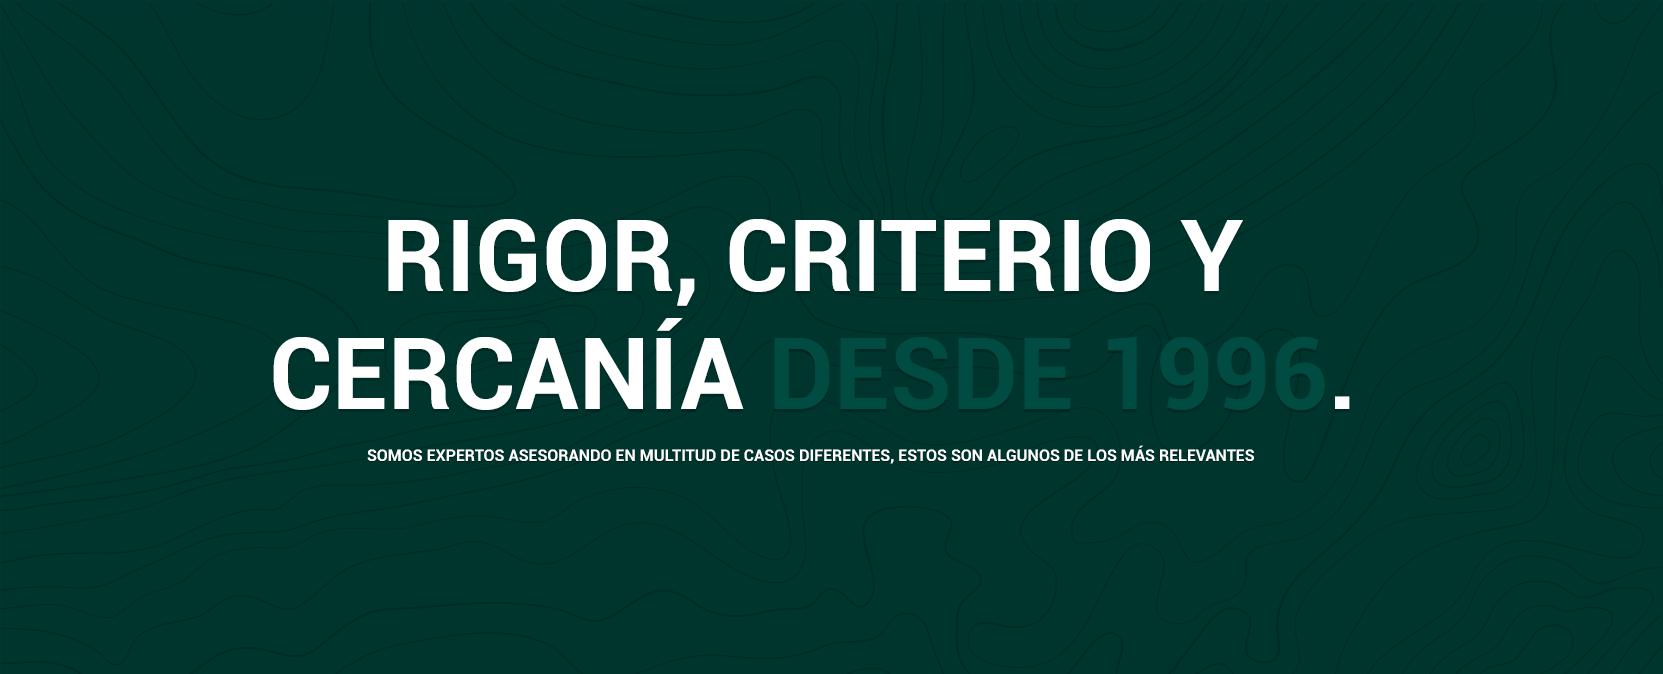 rigor-criterio-cercania-1